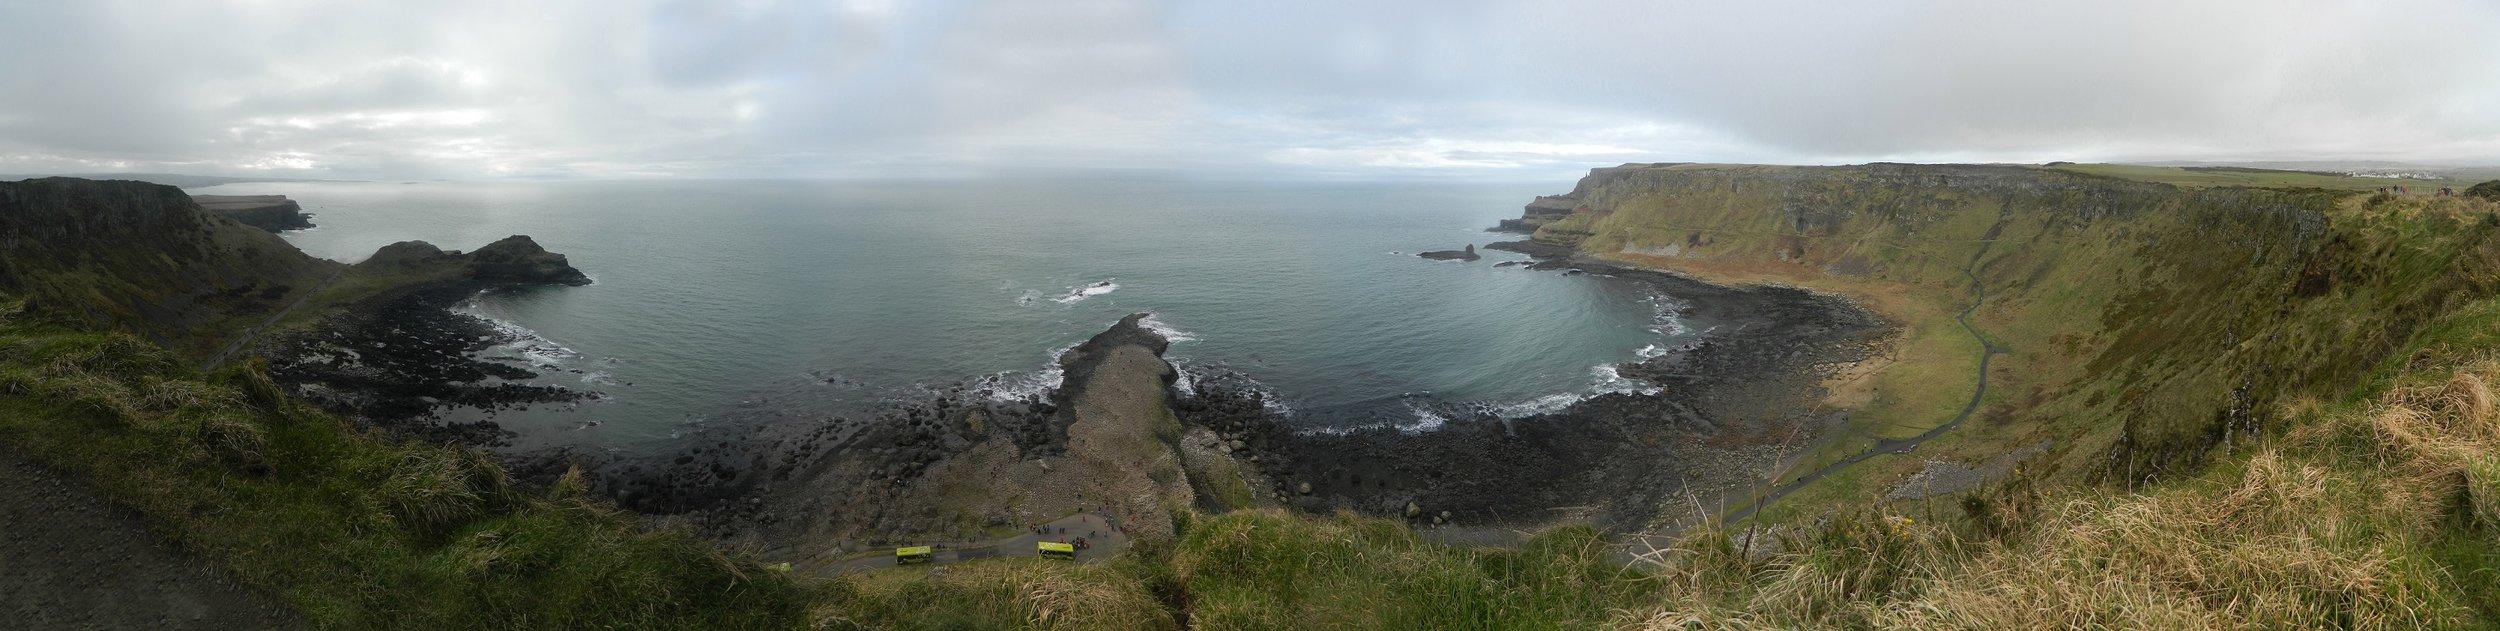 Giant's Causeway pano, North Ireland.JPG